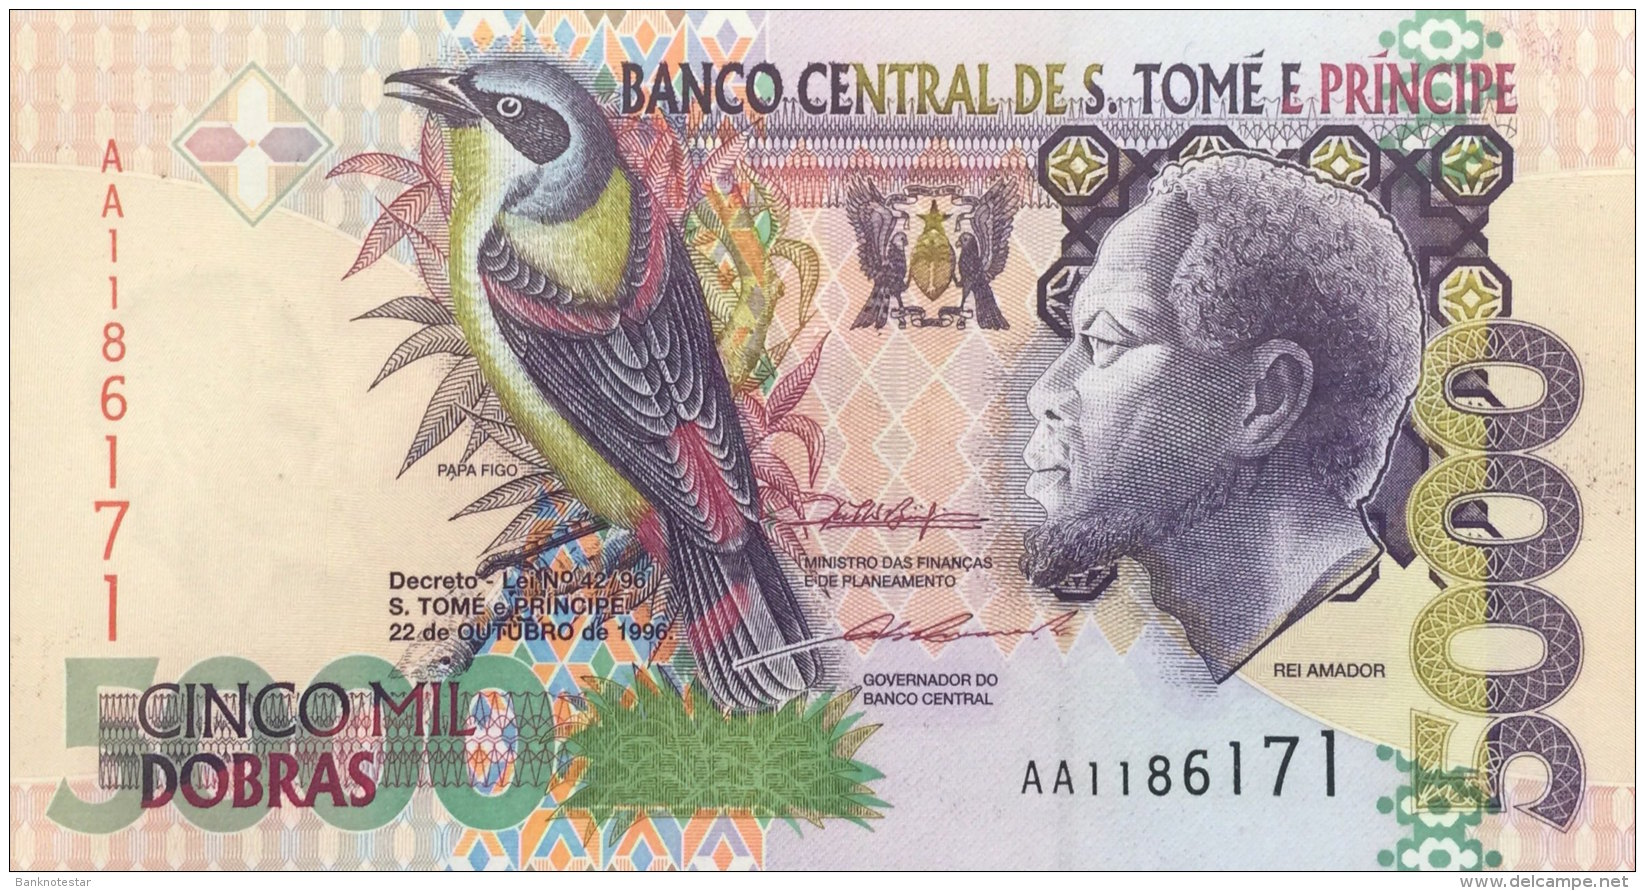 St. Thomas 5.000 Dobras, P-65a (1996) 1 Security Thread Version UNC - São Tomé U. Príncipe